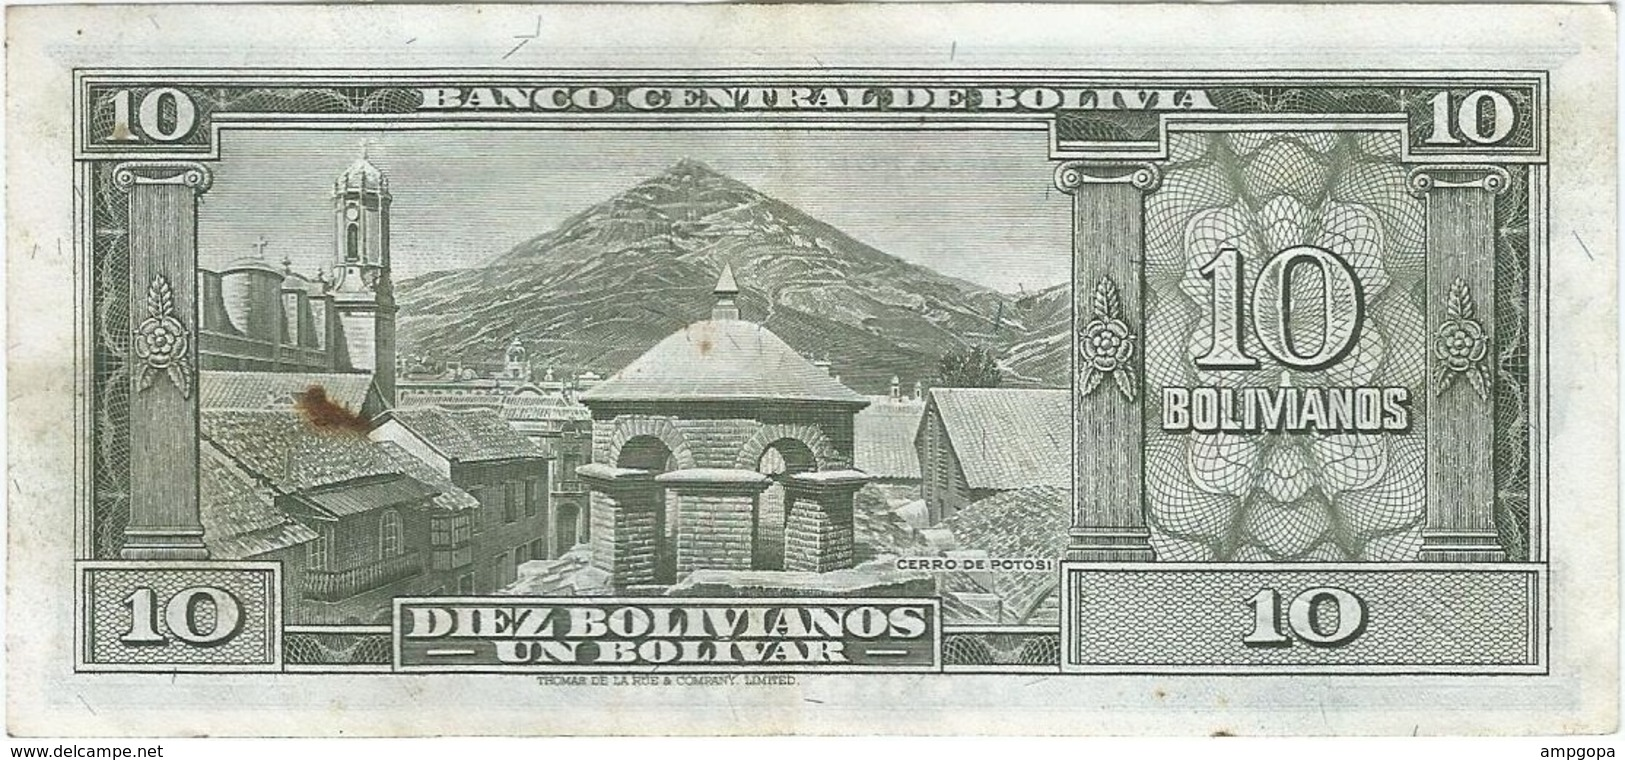 Bolivia 10 Bolivianos 20-12-1945 (1952) Pick 139.b Ref 1699 - Bolivia